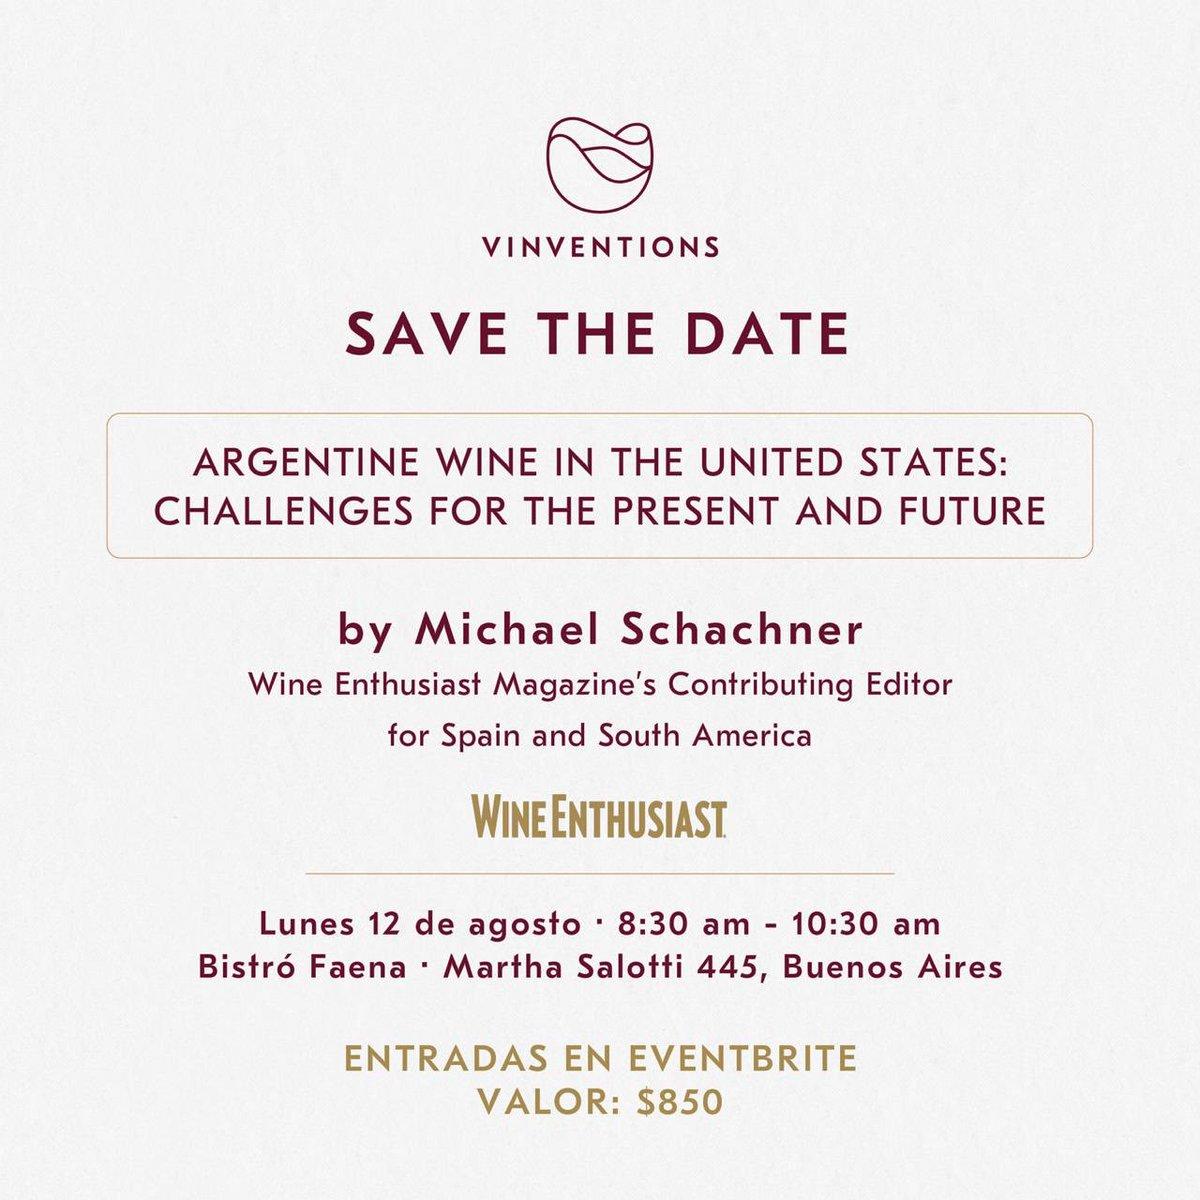 Gran evento en BA! @wineschach, editor para Sudamérica de @WineEnthusiast visitará Argentina para la @PremiumTasting. En este marco, realizamos un evento para que Michael comparta su visión sobre el futuro del vino argentino en EEUU 🍷🇺🇸🇦🇷